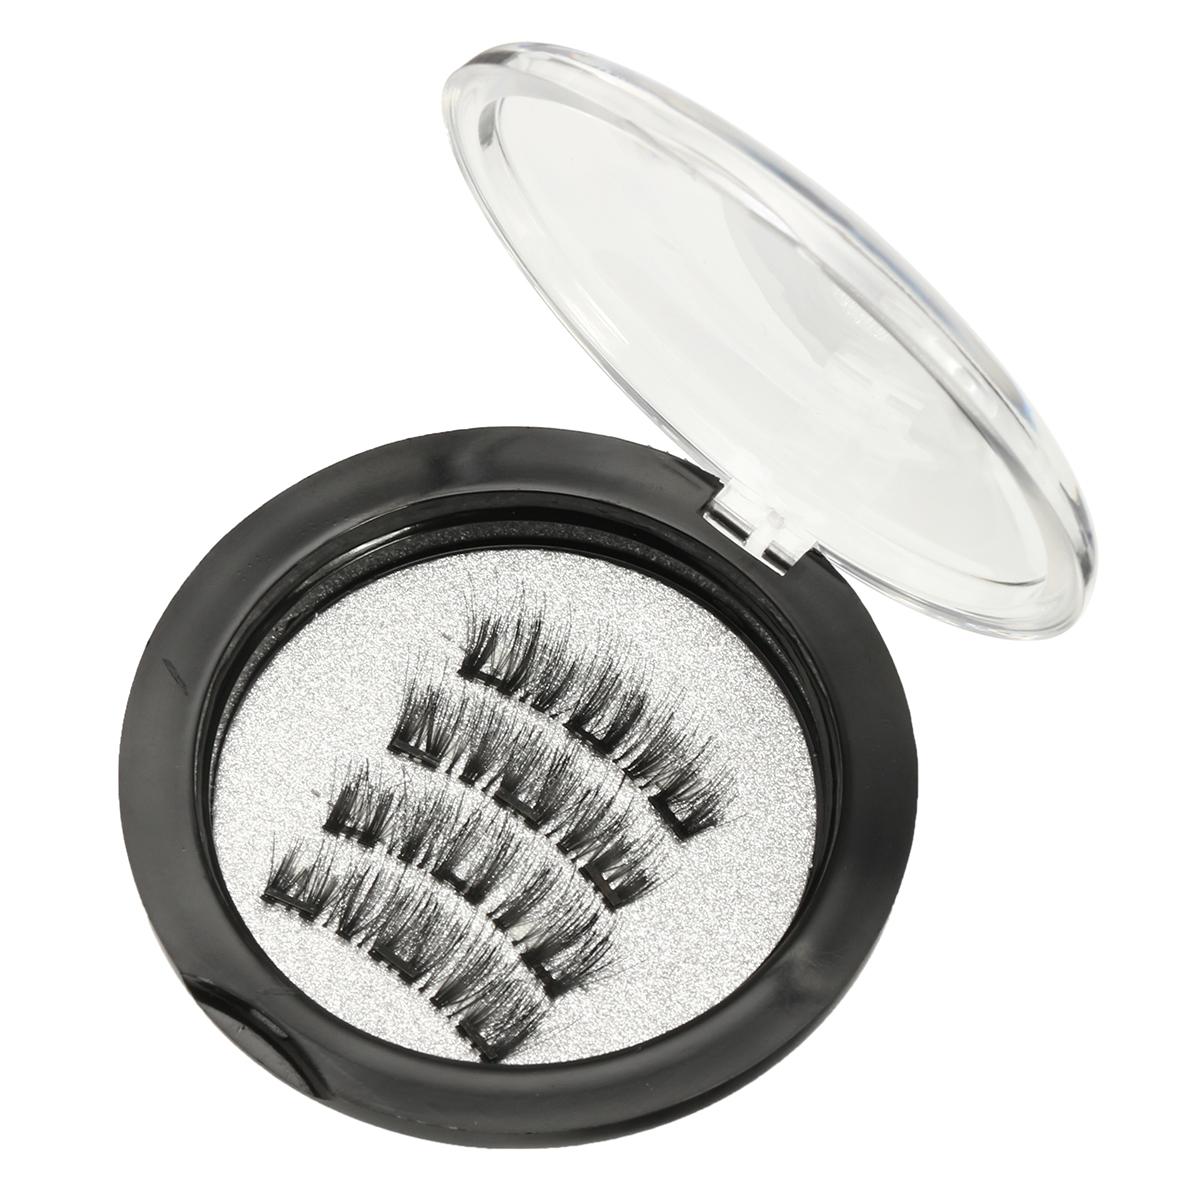 4pcs Triple Magnetic False Eyelashes Charming 3D